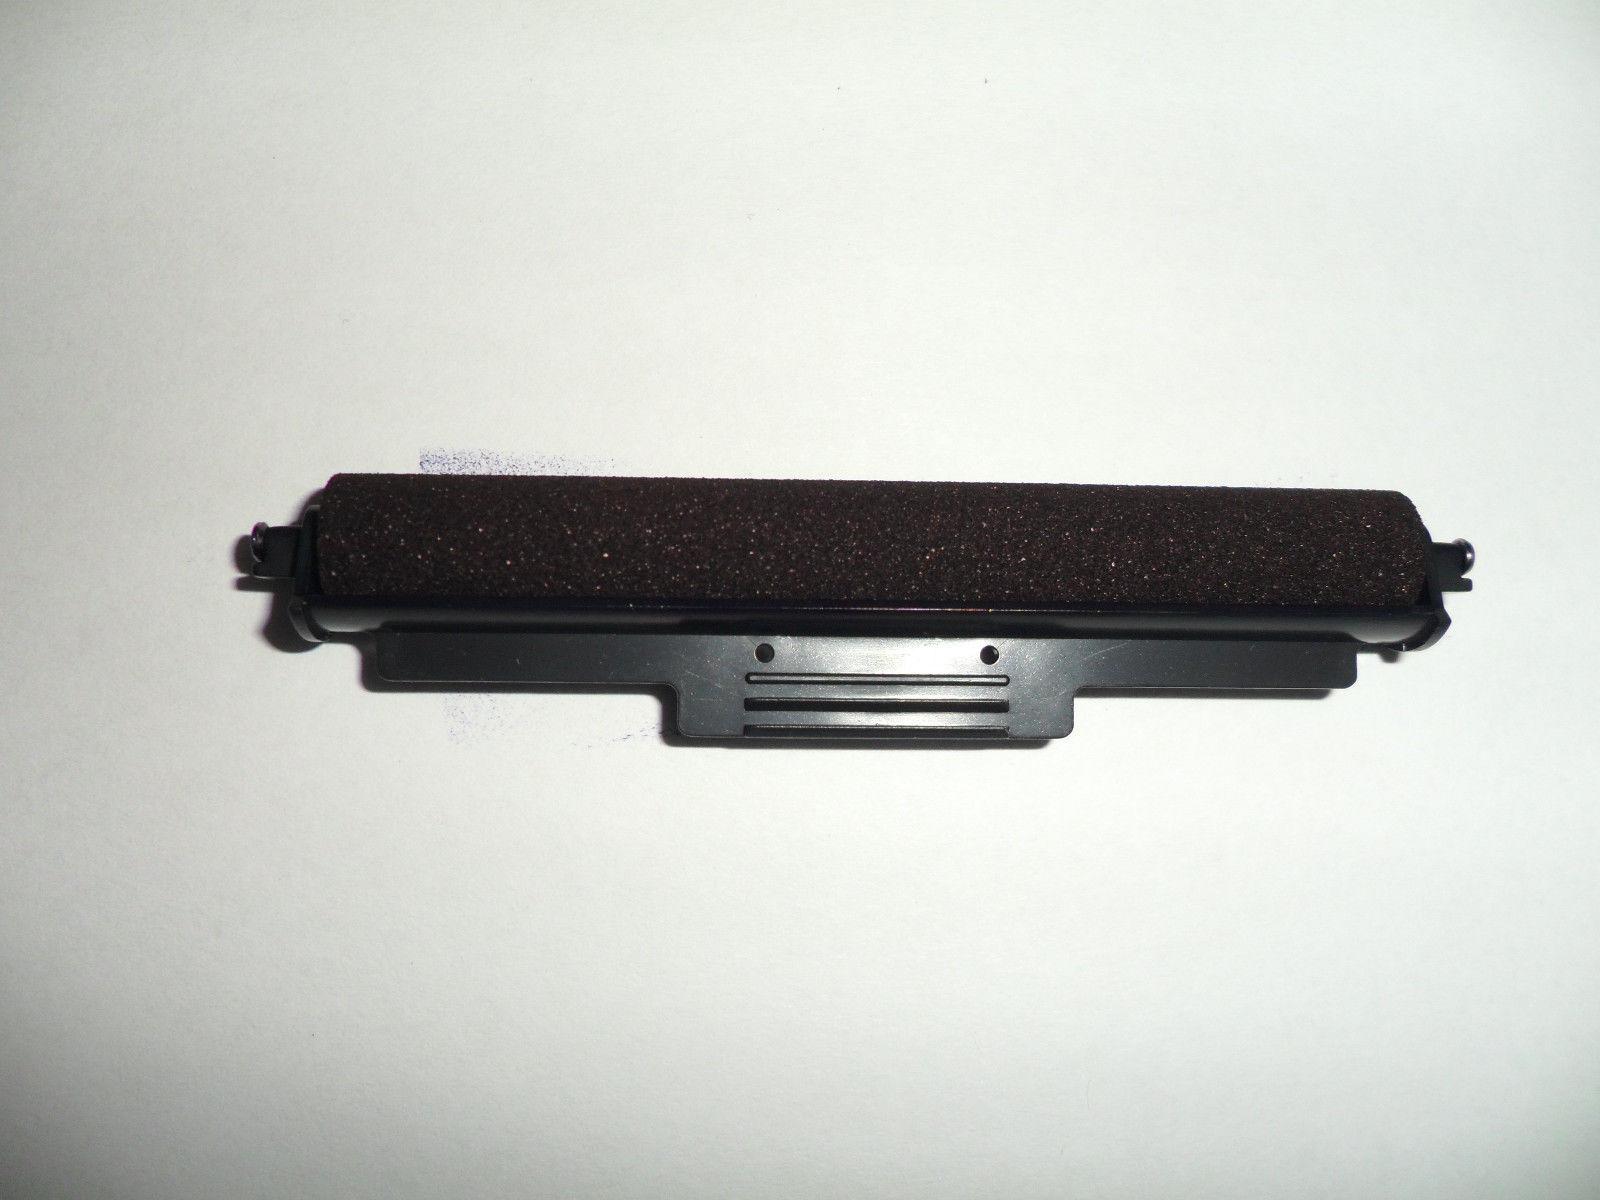 NCR MA-305/MA-315 Cash Register Ink Roller (2 Pack) IR93 NR104